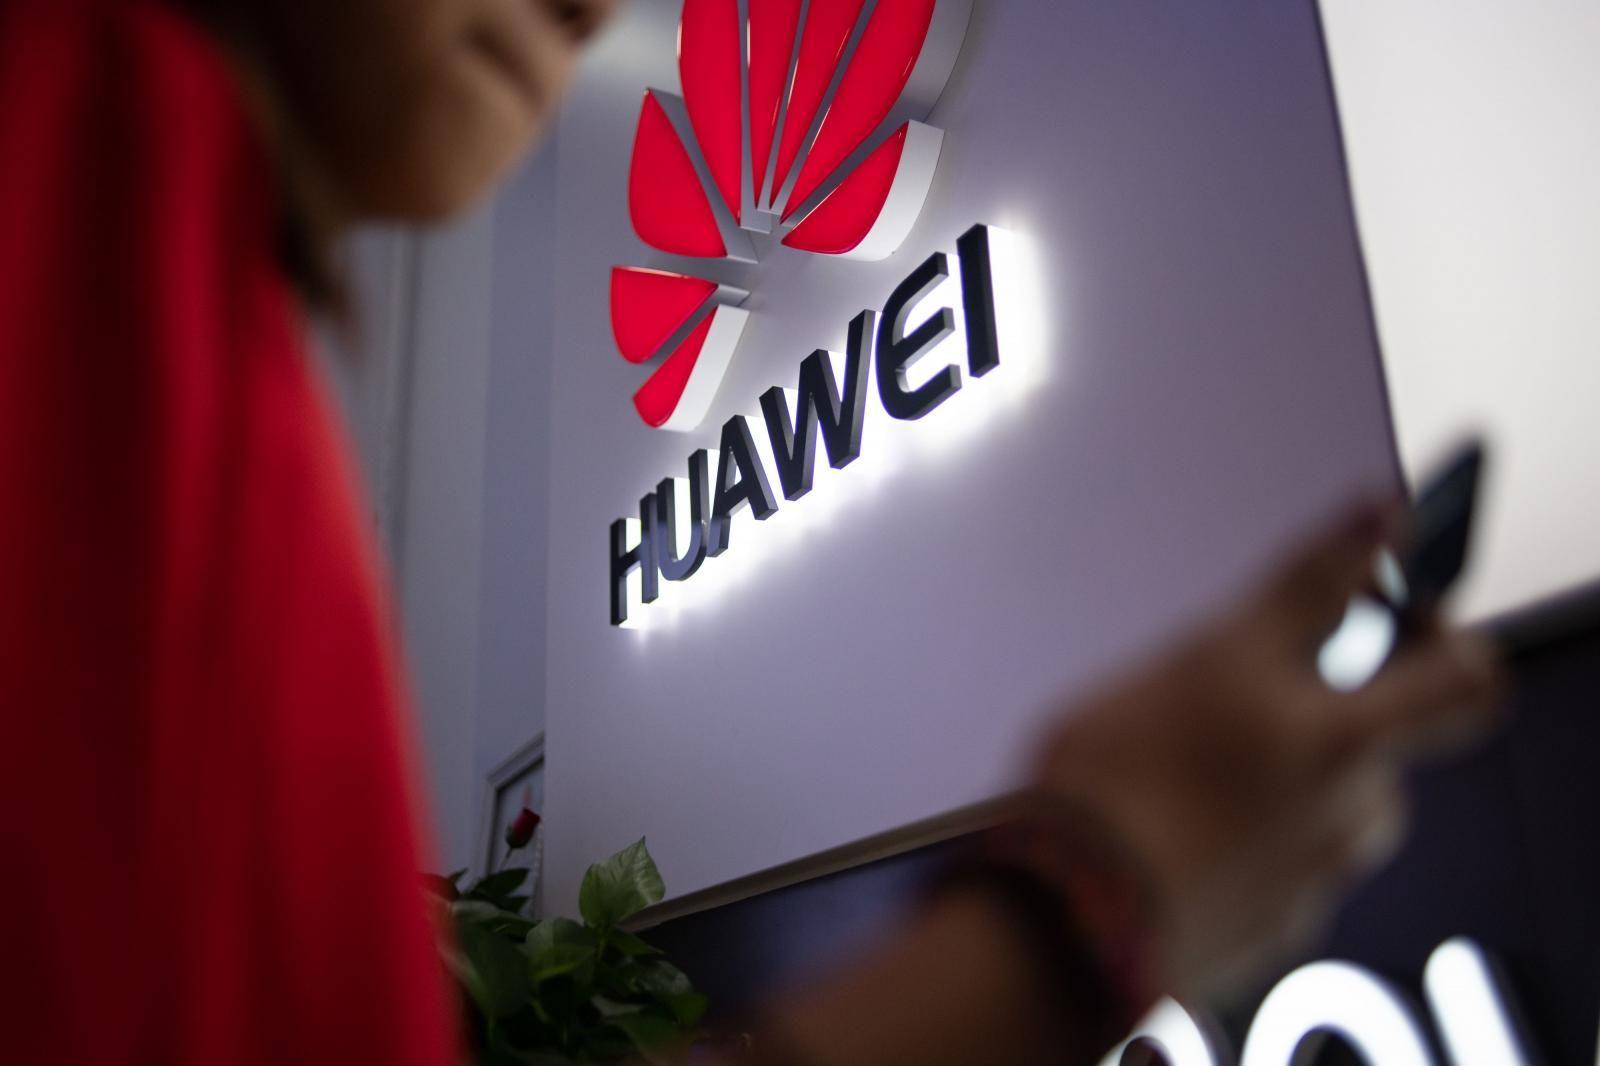 Resultado de imagen para Huawei ayuda a Corea del Norte con su red inalámbrica, dice Washington Post